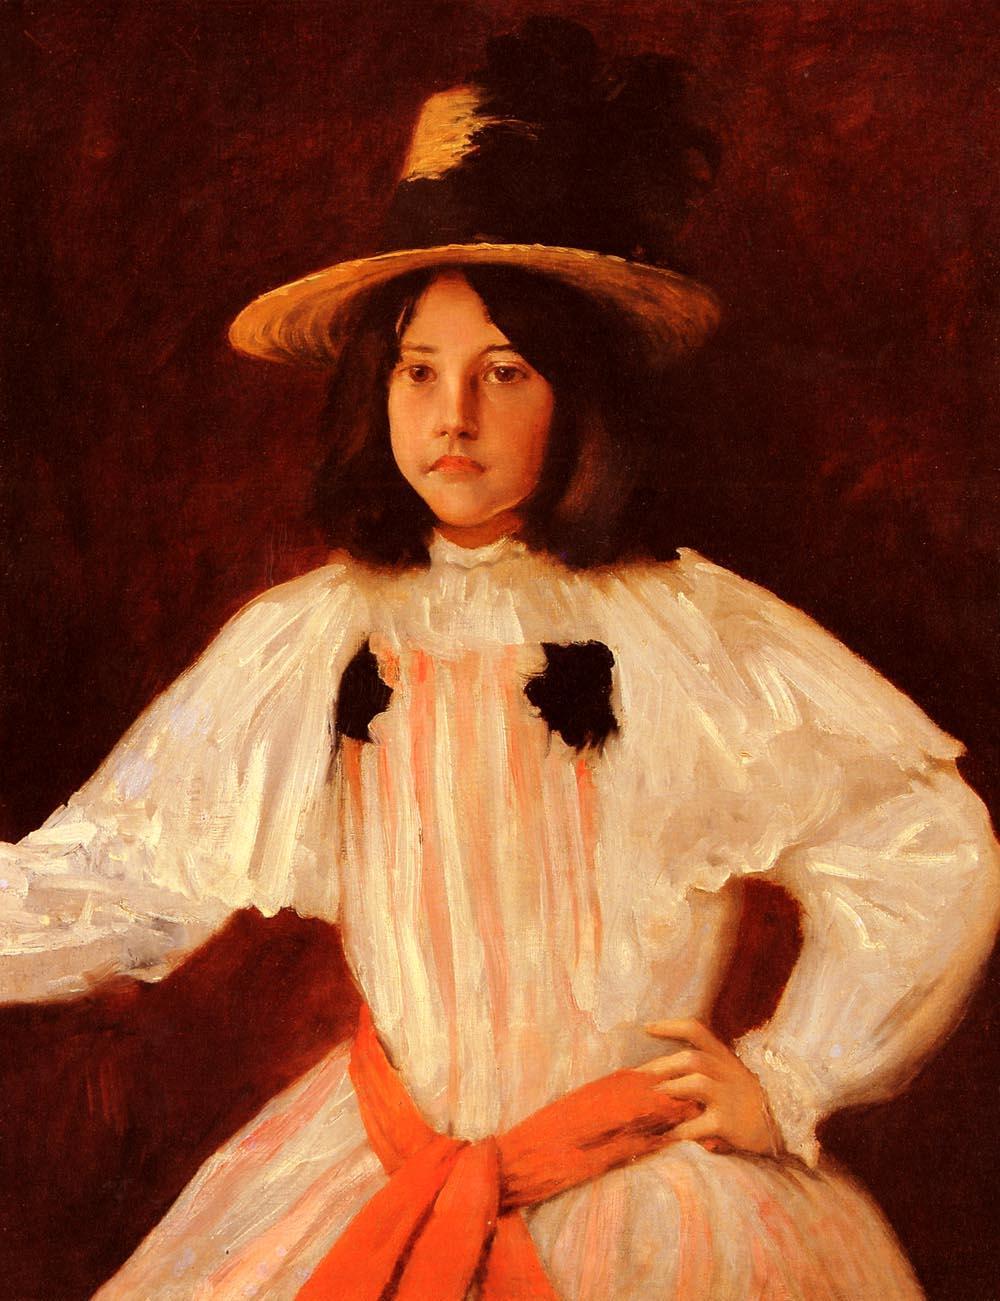 The Red Sash - William Merritt Chase